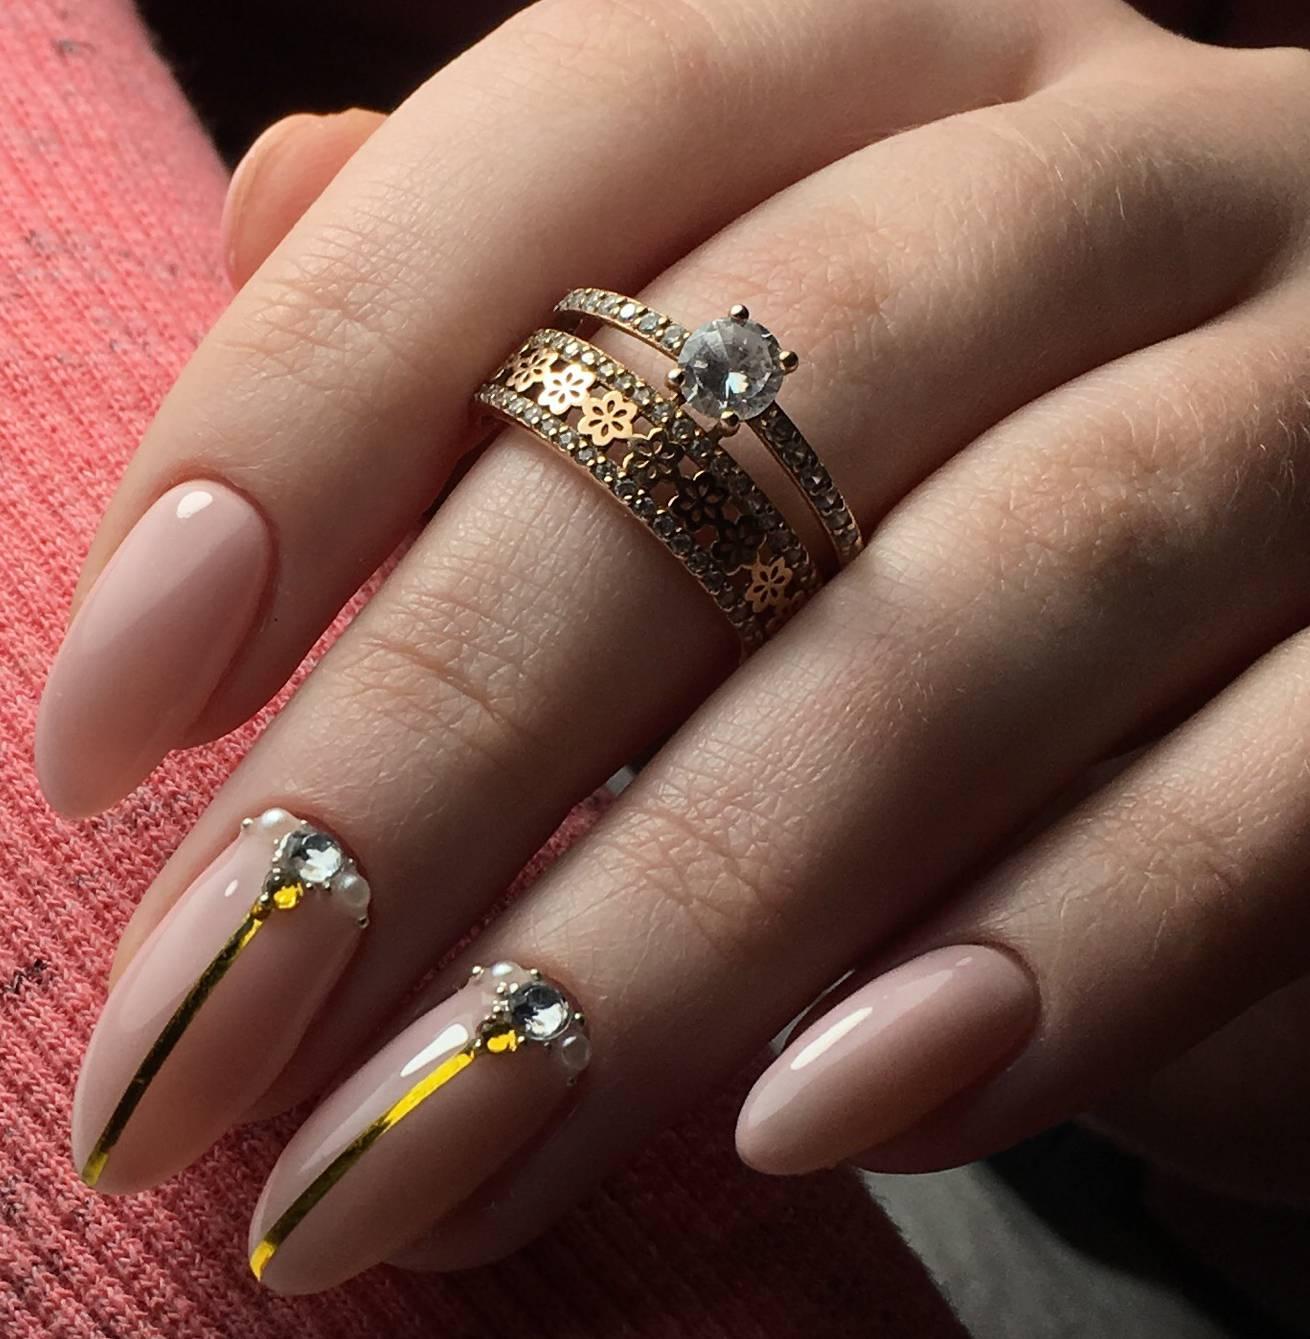 Manicure Nail Makeup Manicura de unas, Unas decoradas dorada